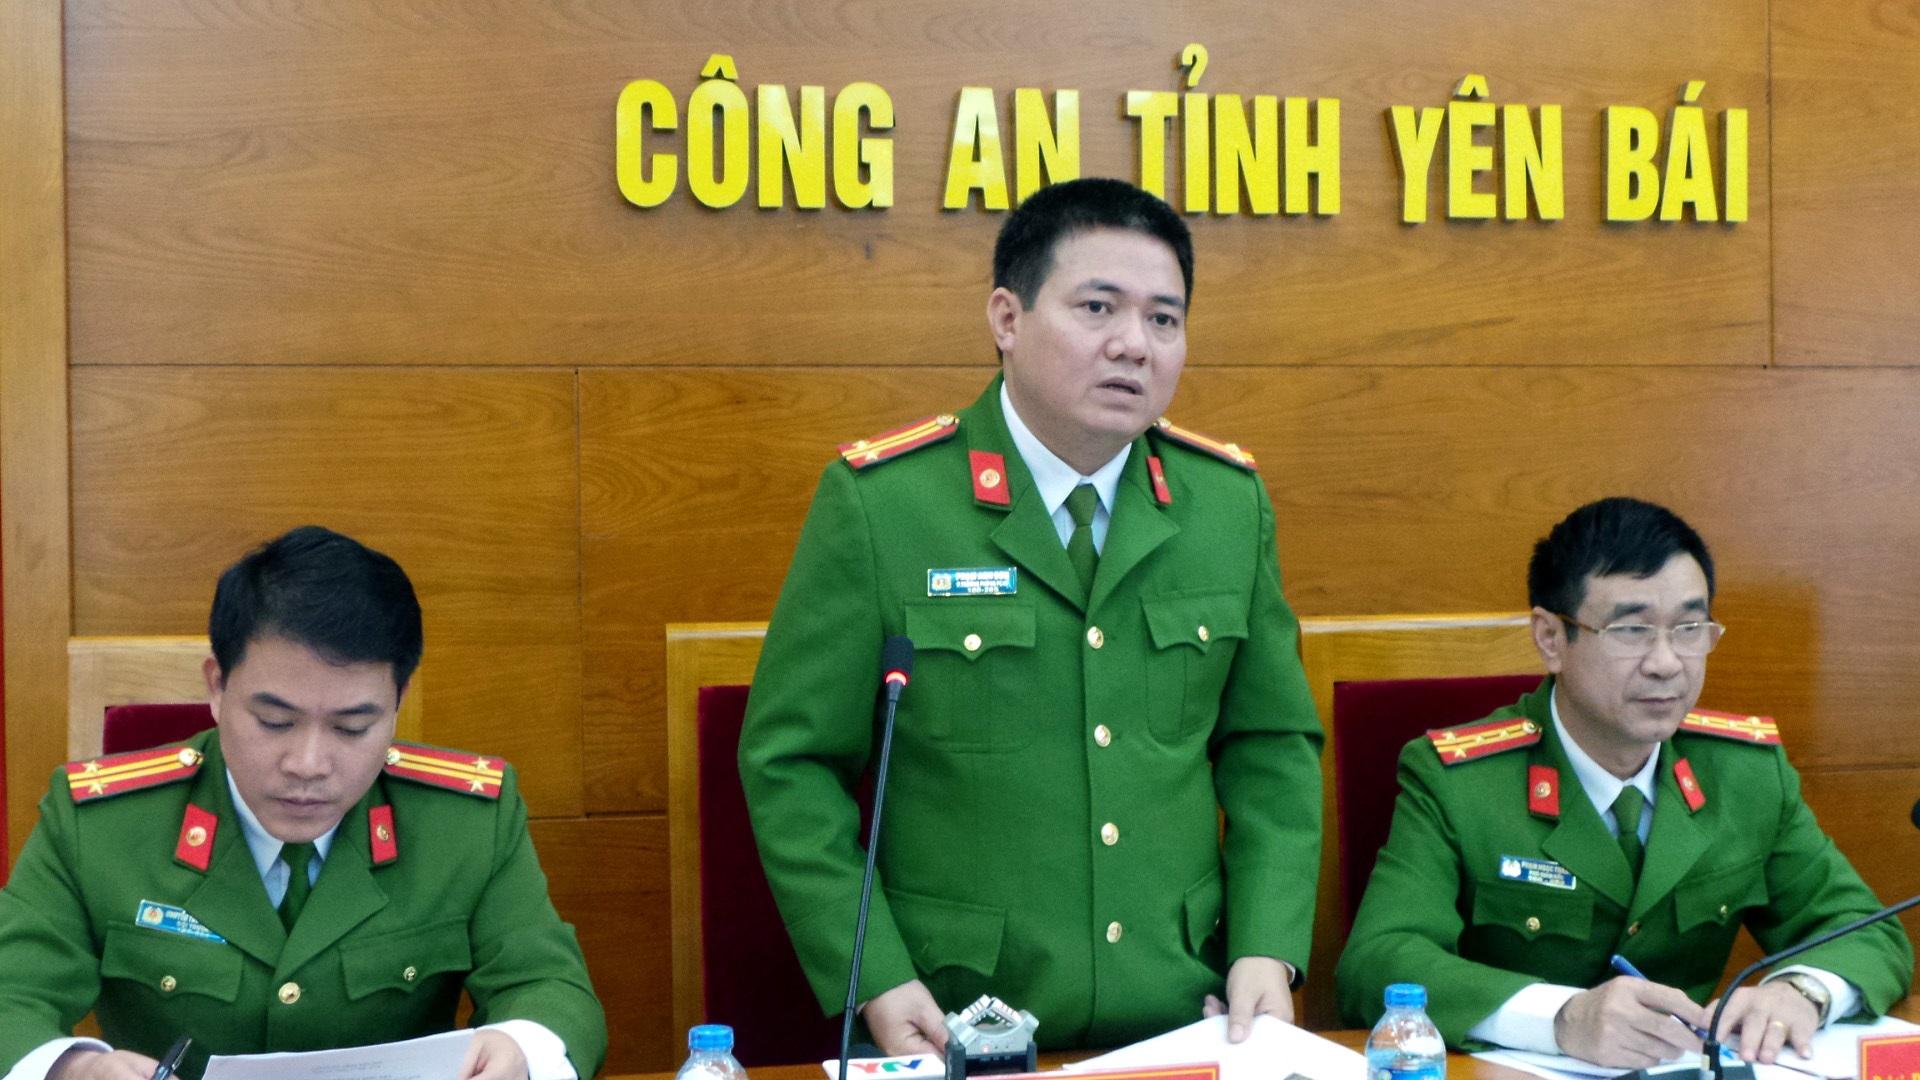 Trung tá Phạm Anh Sơn, Phó Thủ trưởng Cơ quan Cảnh sát điều tra - Công an tỉnh Yên Bái, thông báo kết luận điều tra vụ Bí thư, Chủ tịch HĐND tỉnh bị sát hại.